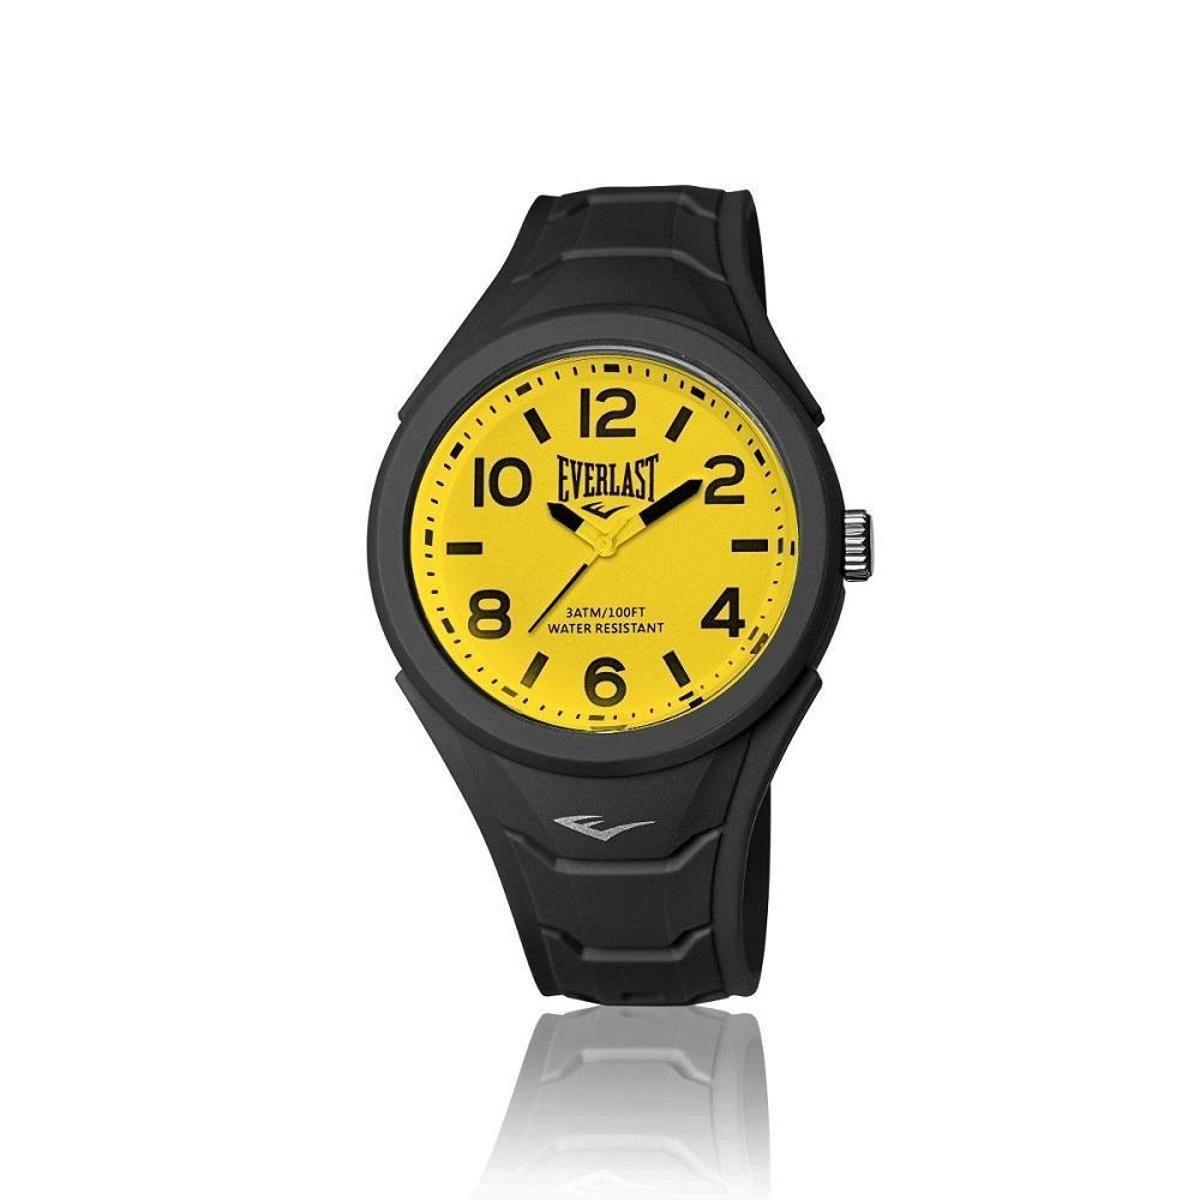 5b9a5f54413 Relógio Pulso Everlast Shape Caixa Abs Revestido Silicone - Preto - Compre  Agora